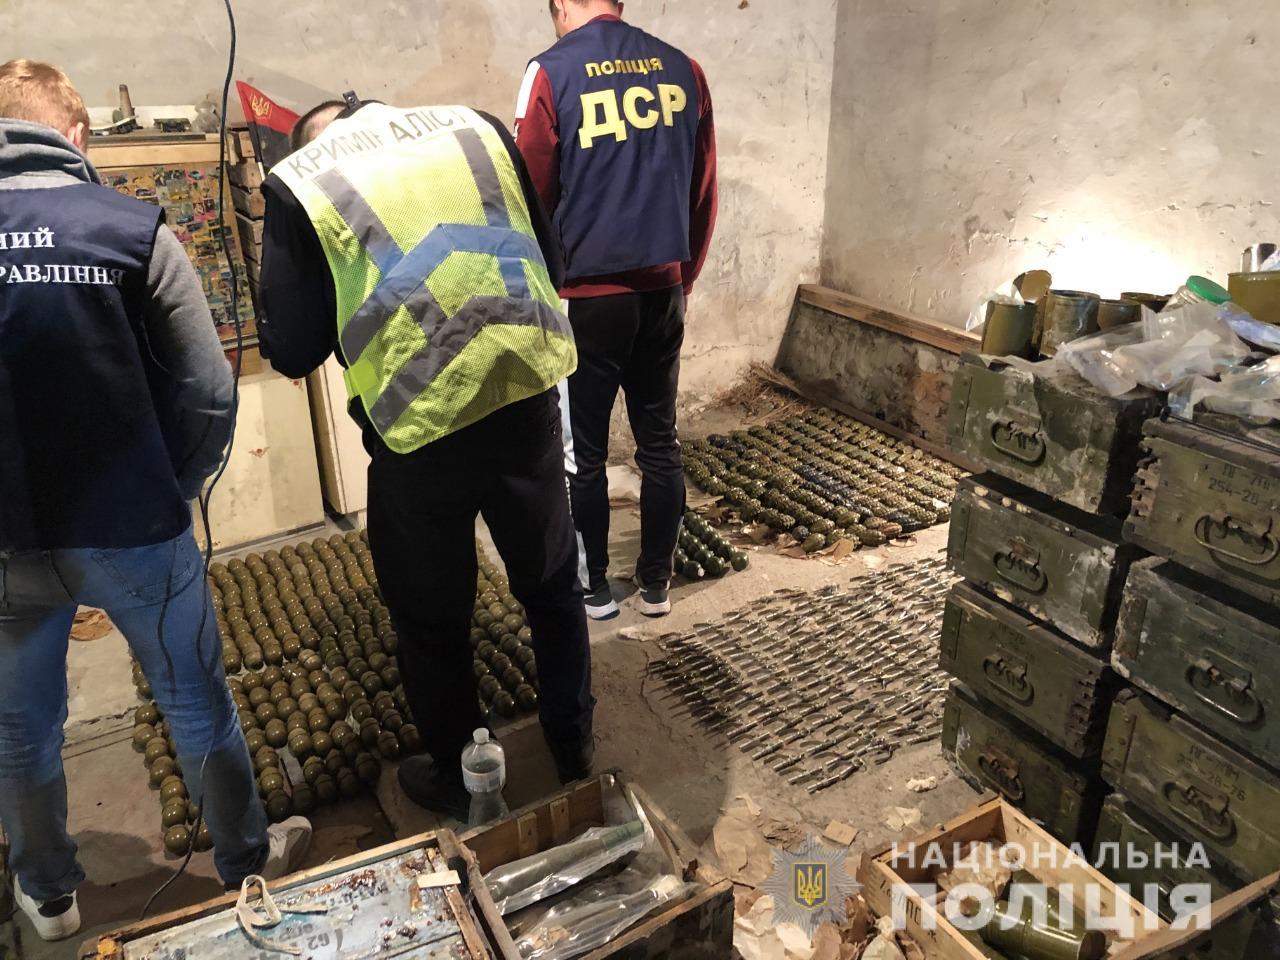 Тучи войны сгущаются? Харьковское предвыборное насилие на пороге политической осени